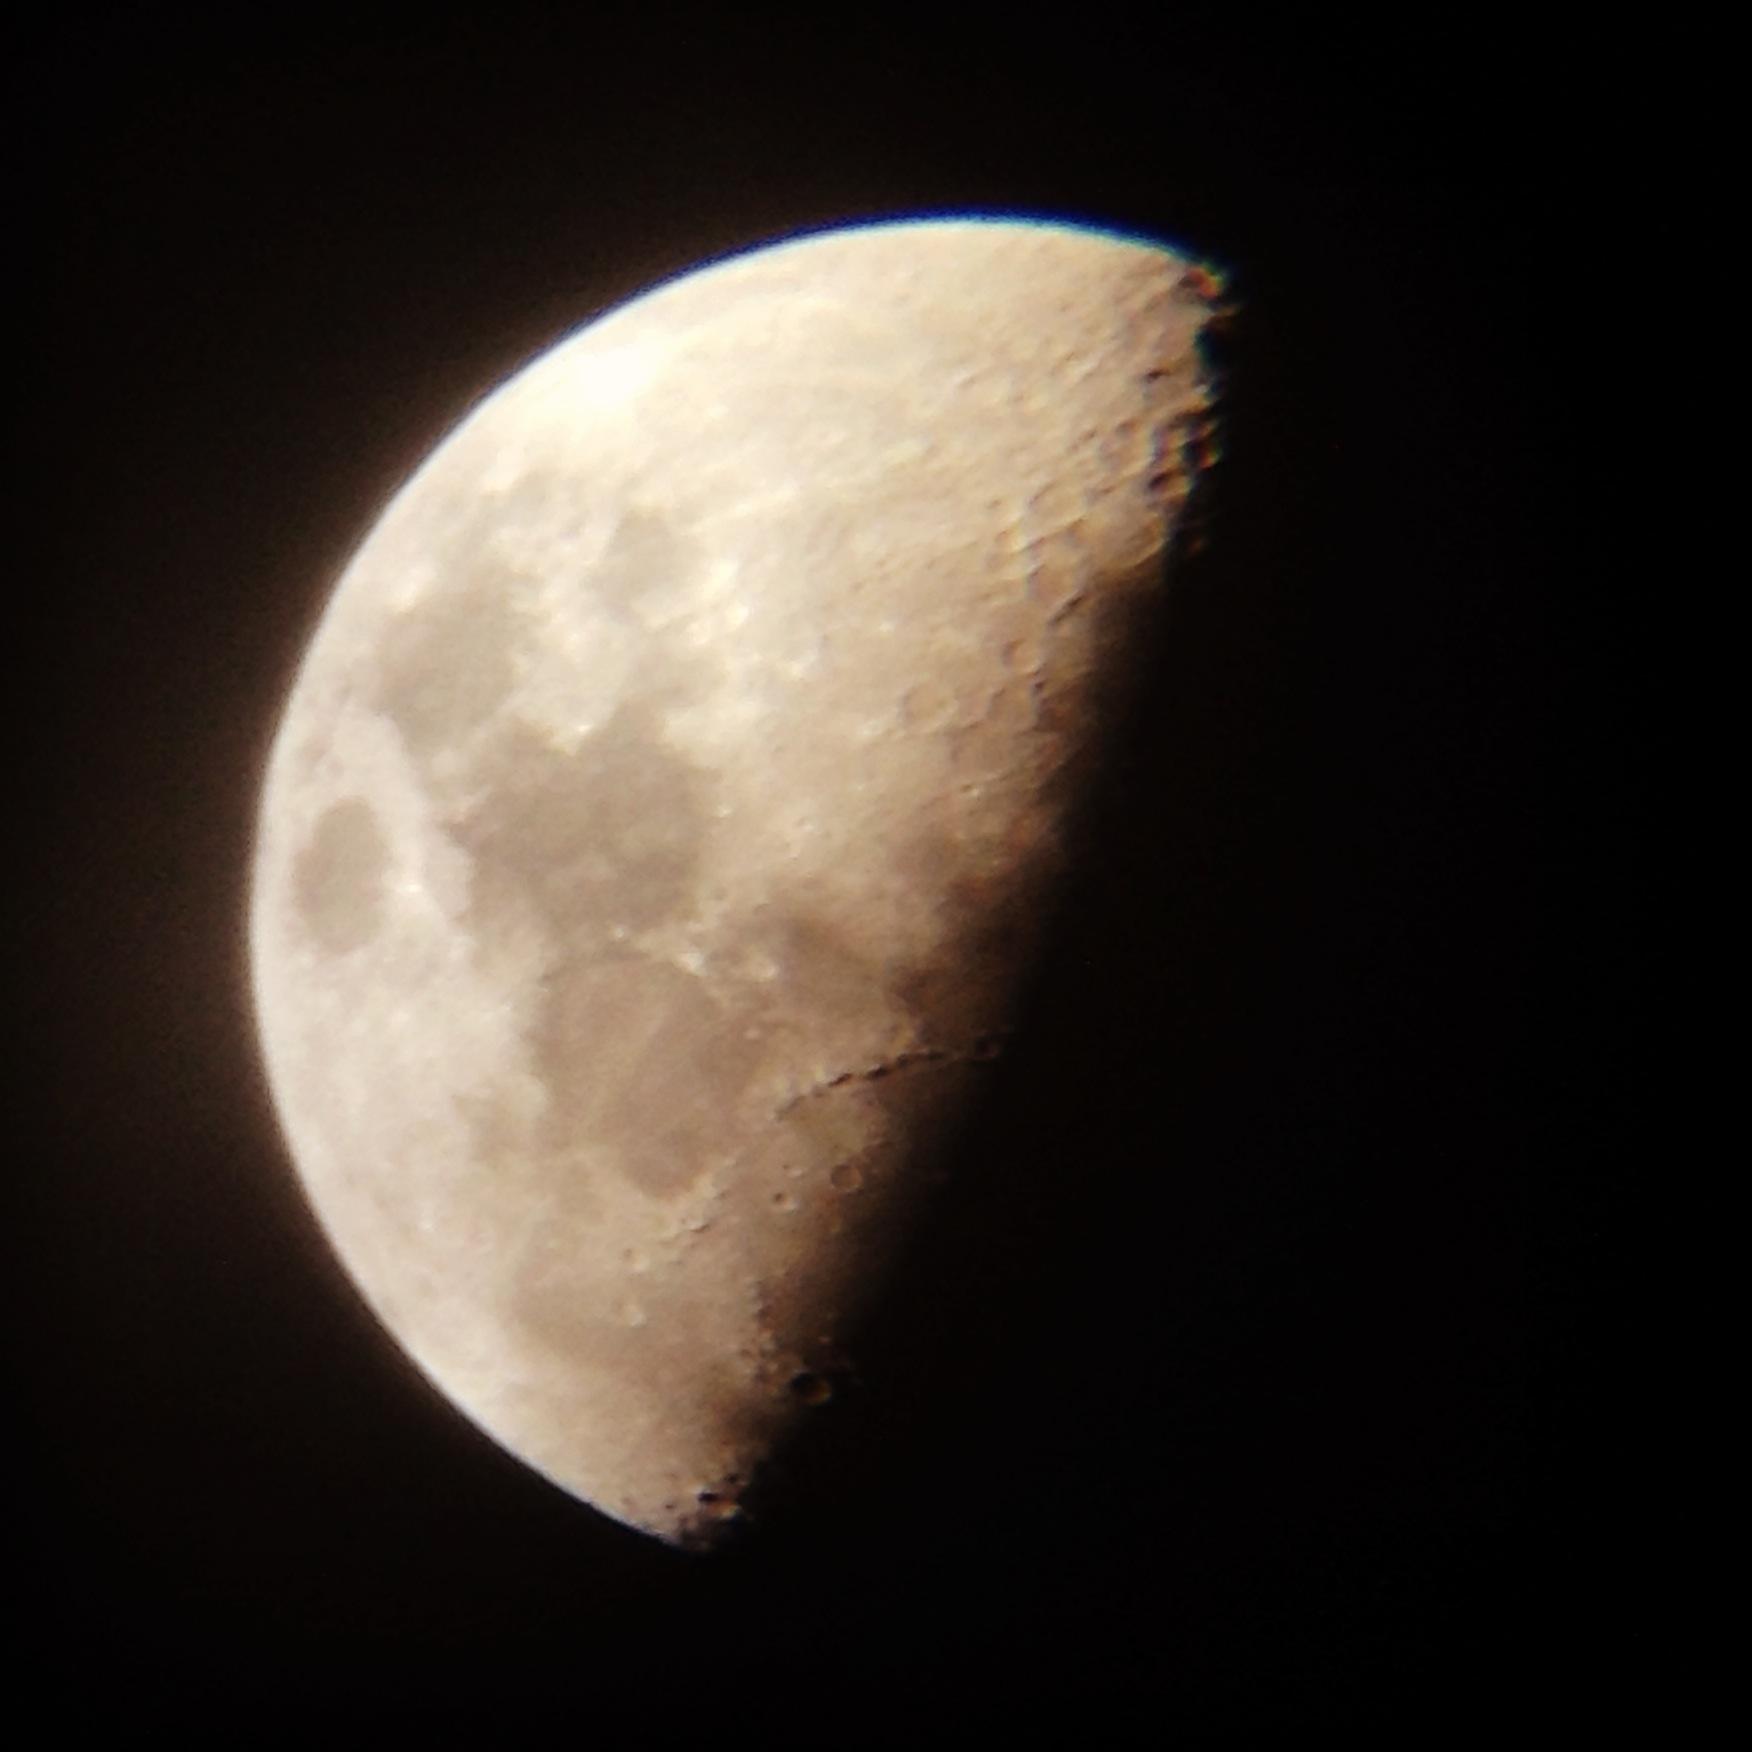 3d_printing_moon-1.jpg